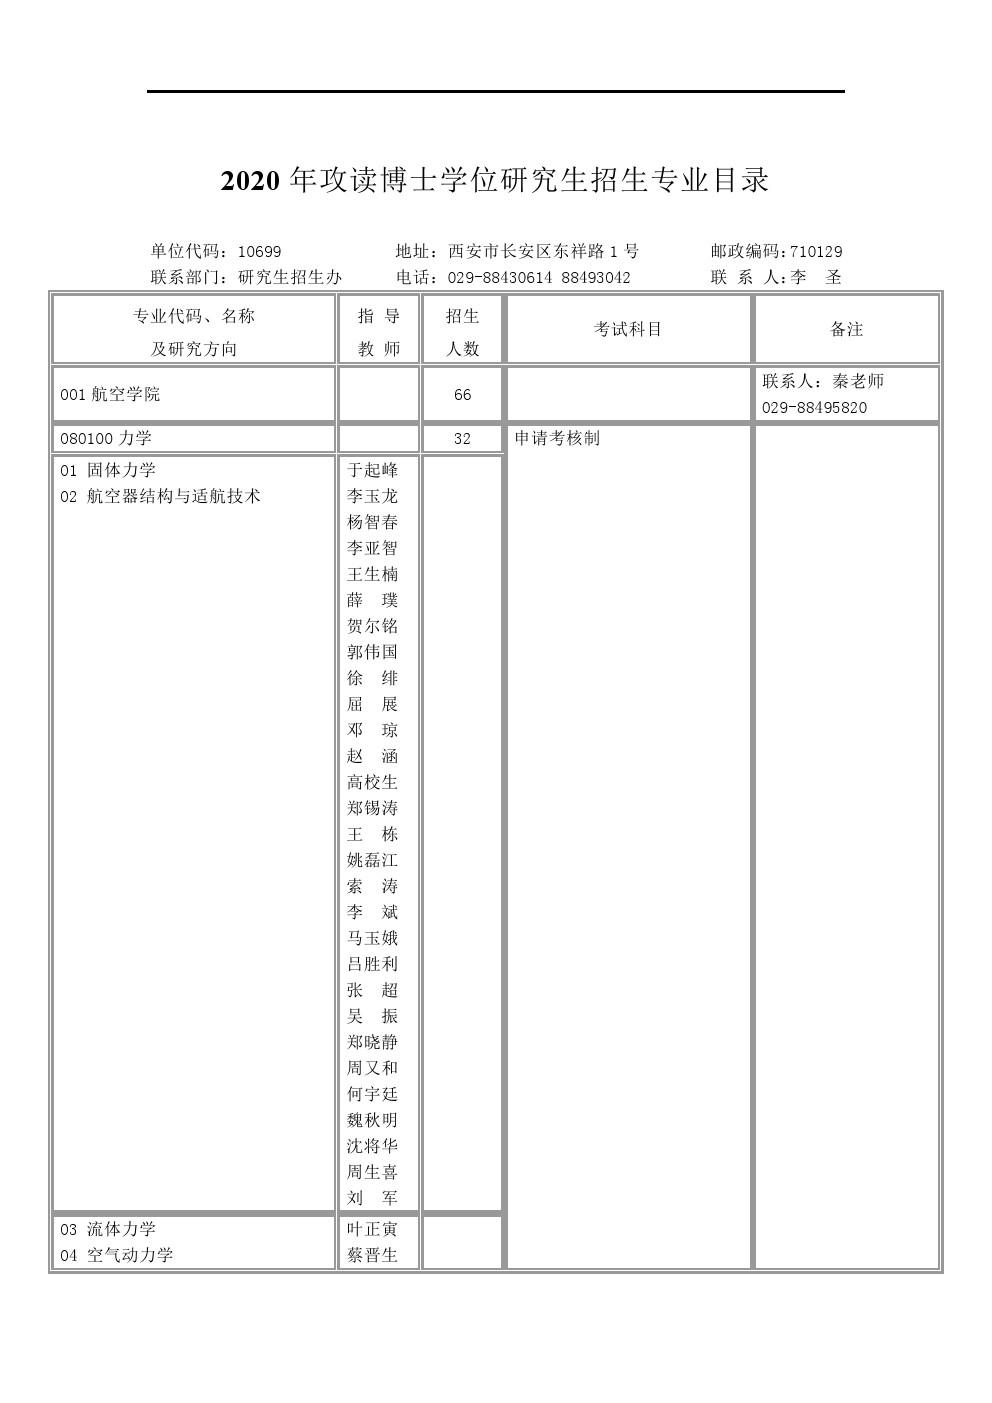 西北工业大学2020年博士研究生招生专业目录